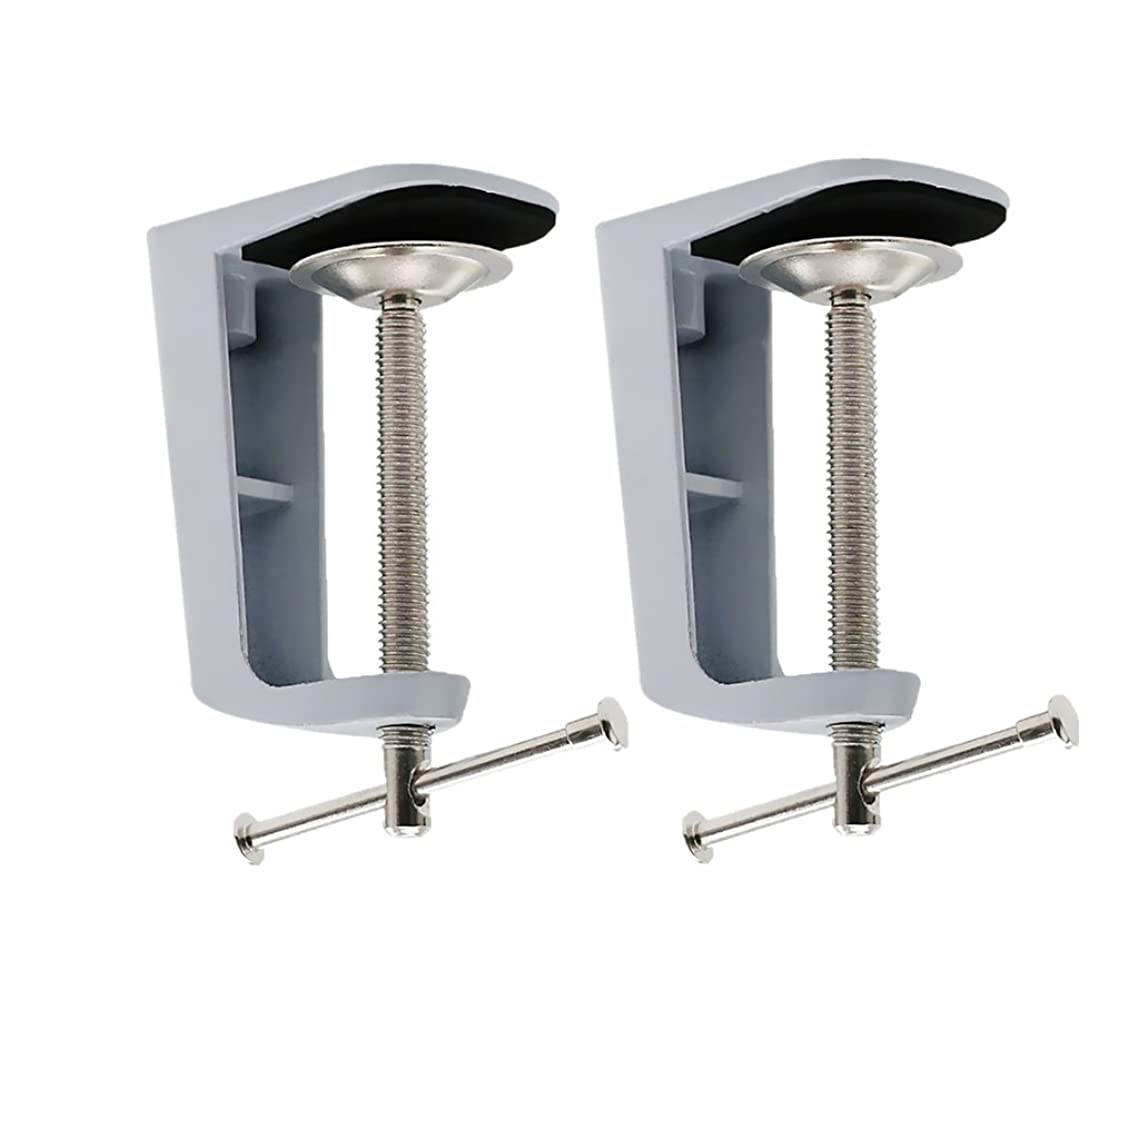 開発するソーダ水第四メタル クランプ 調節可能 アーム式 机 テーブル クリップ 2個入り